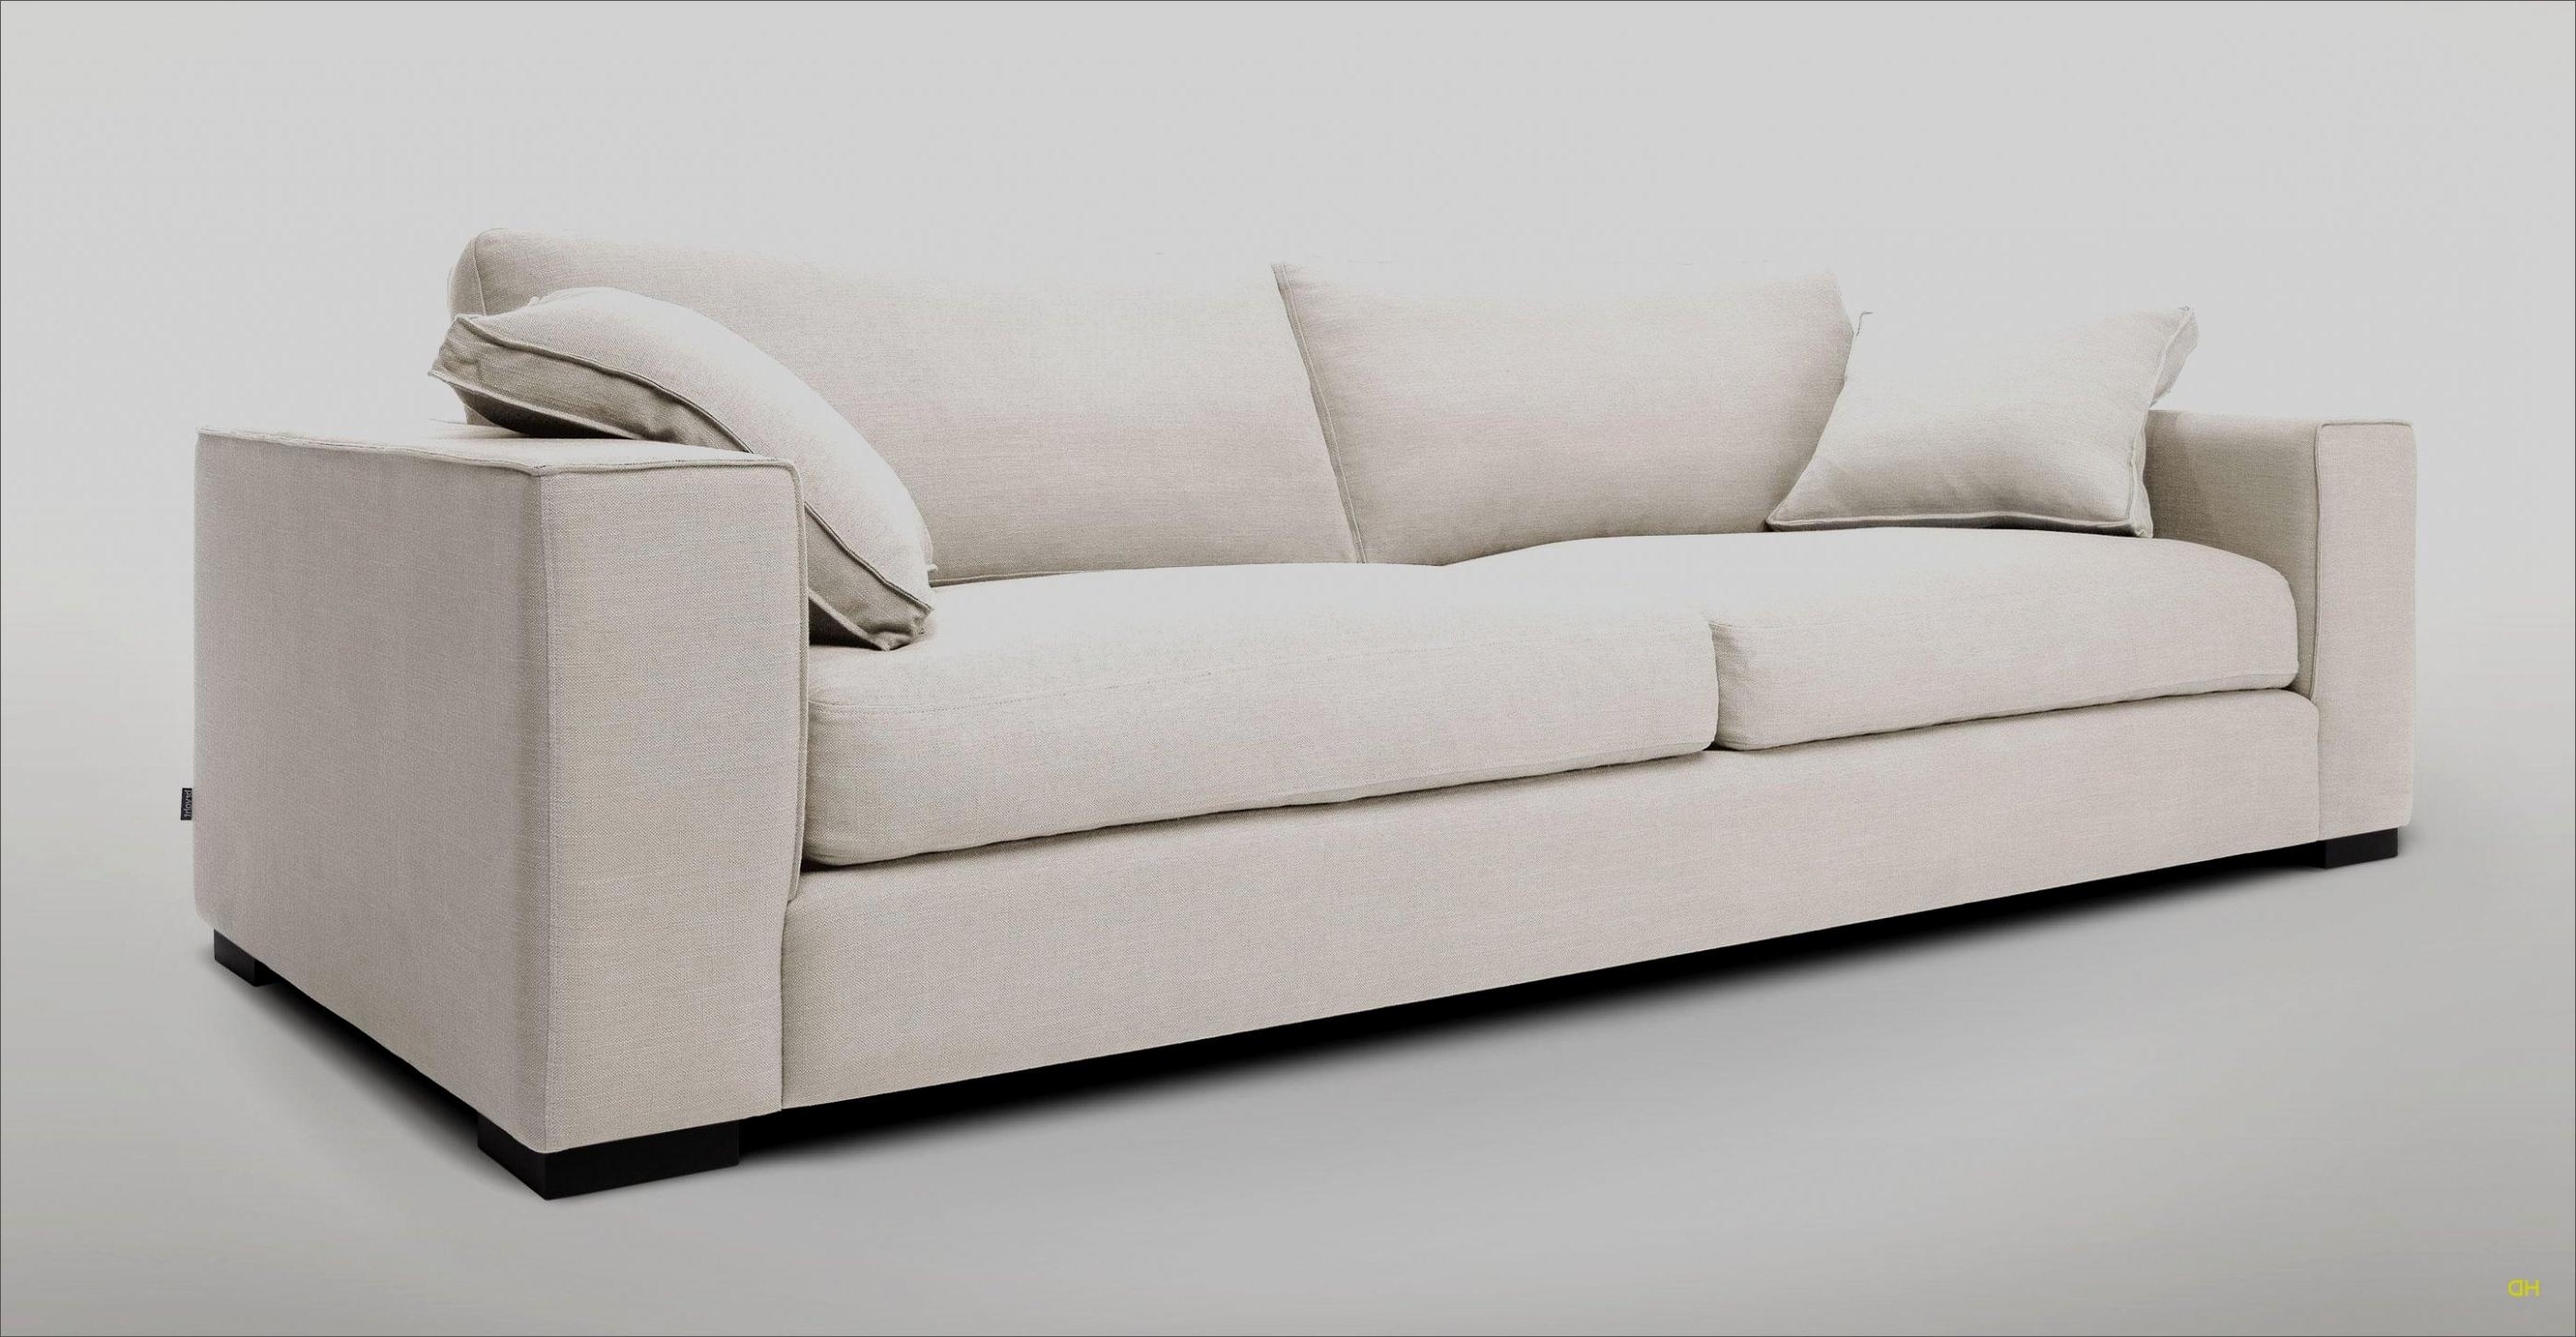 Sofas Modulares Ikea Tldn sofas Modulares Conforama Vaste Ikea Zweiersofa Inspirierend